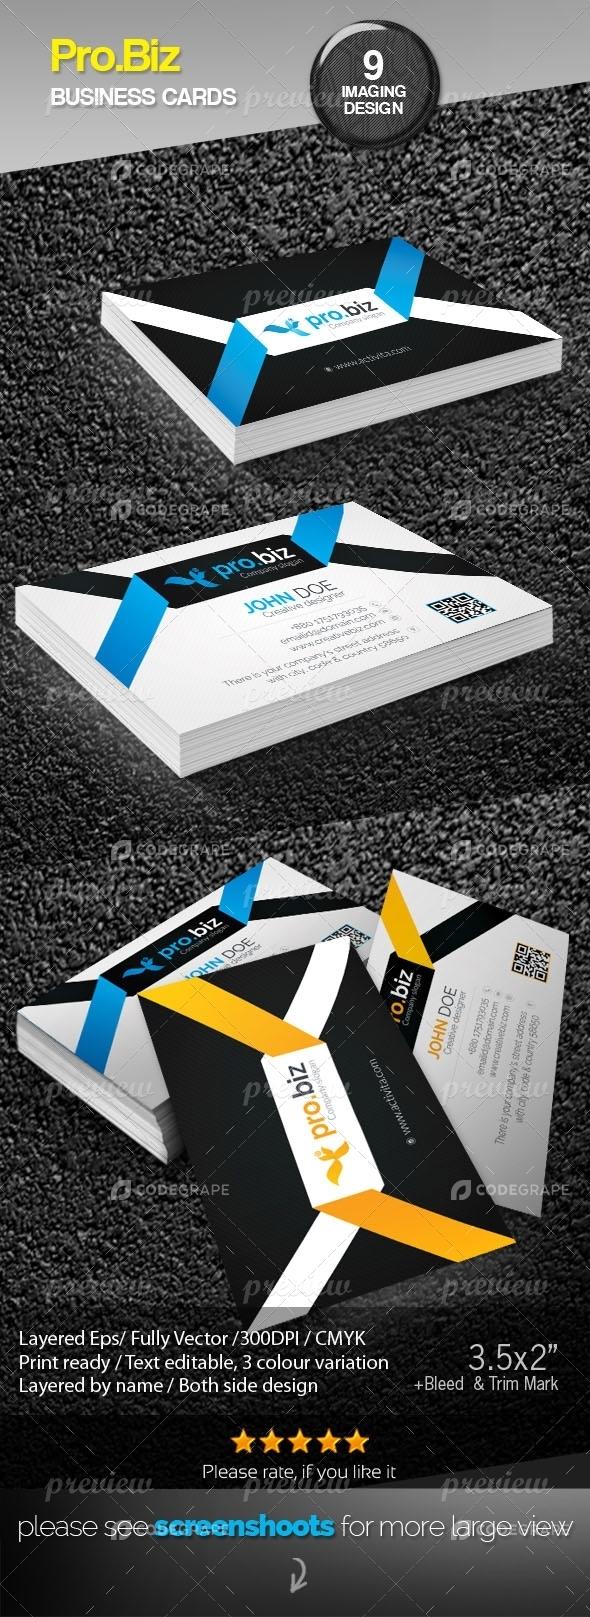 Pro.Biz Corporate Creative Business Cards